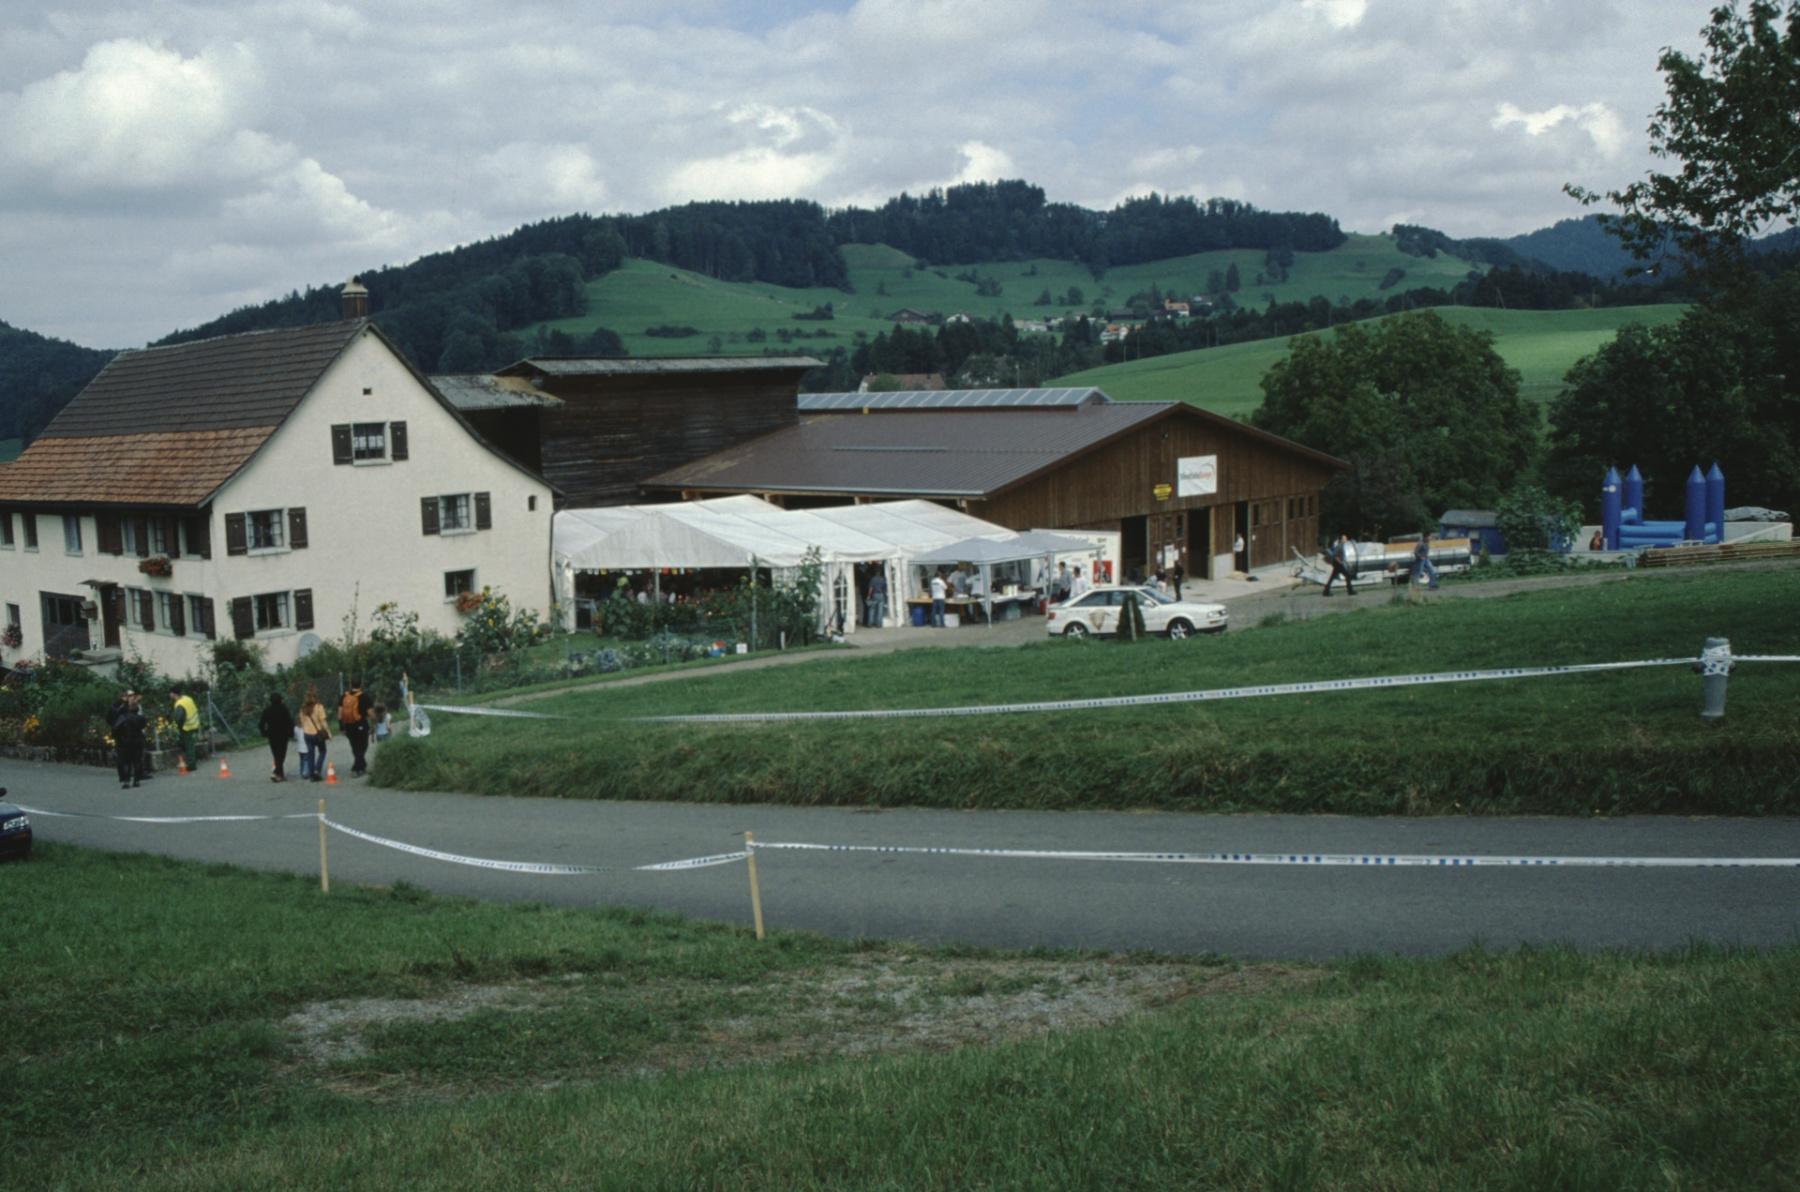 TdoT Liegenschaft Reto Wäfler, Schönau